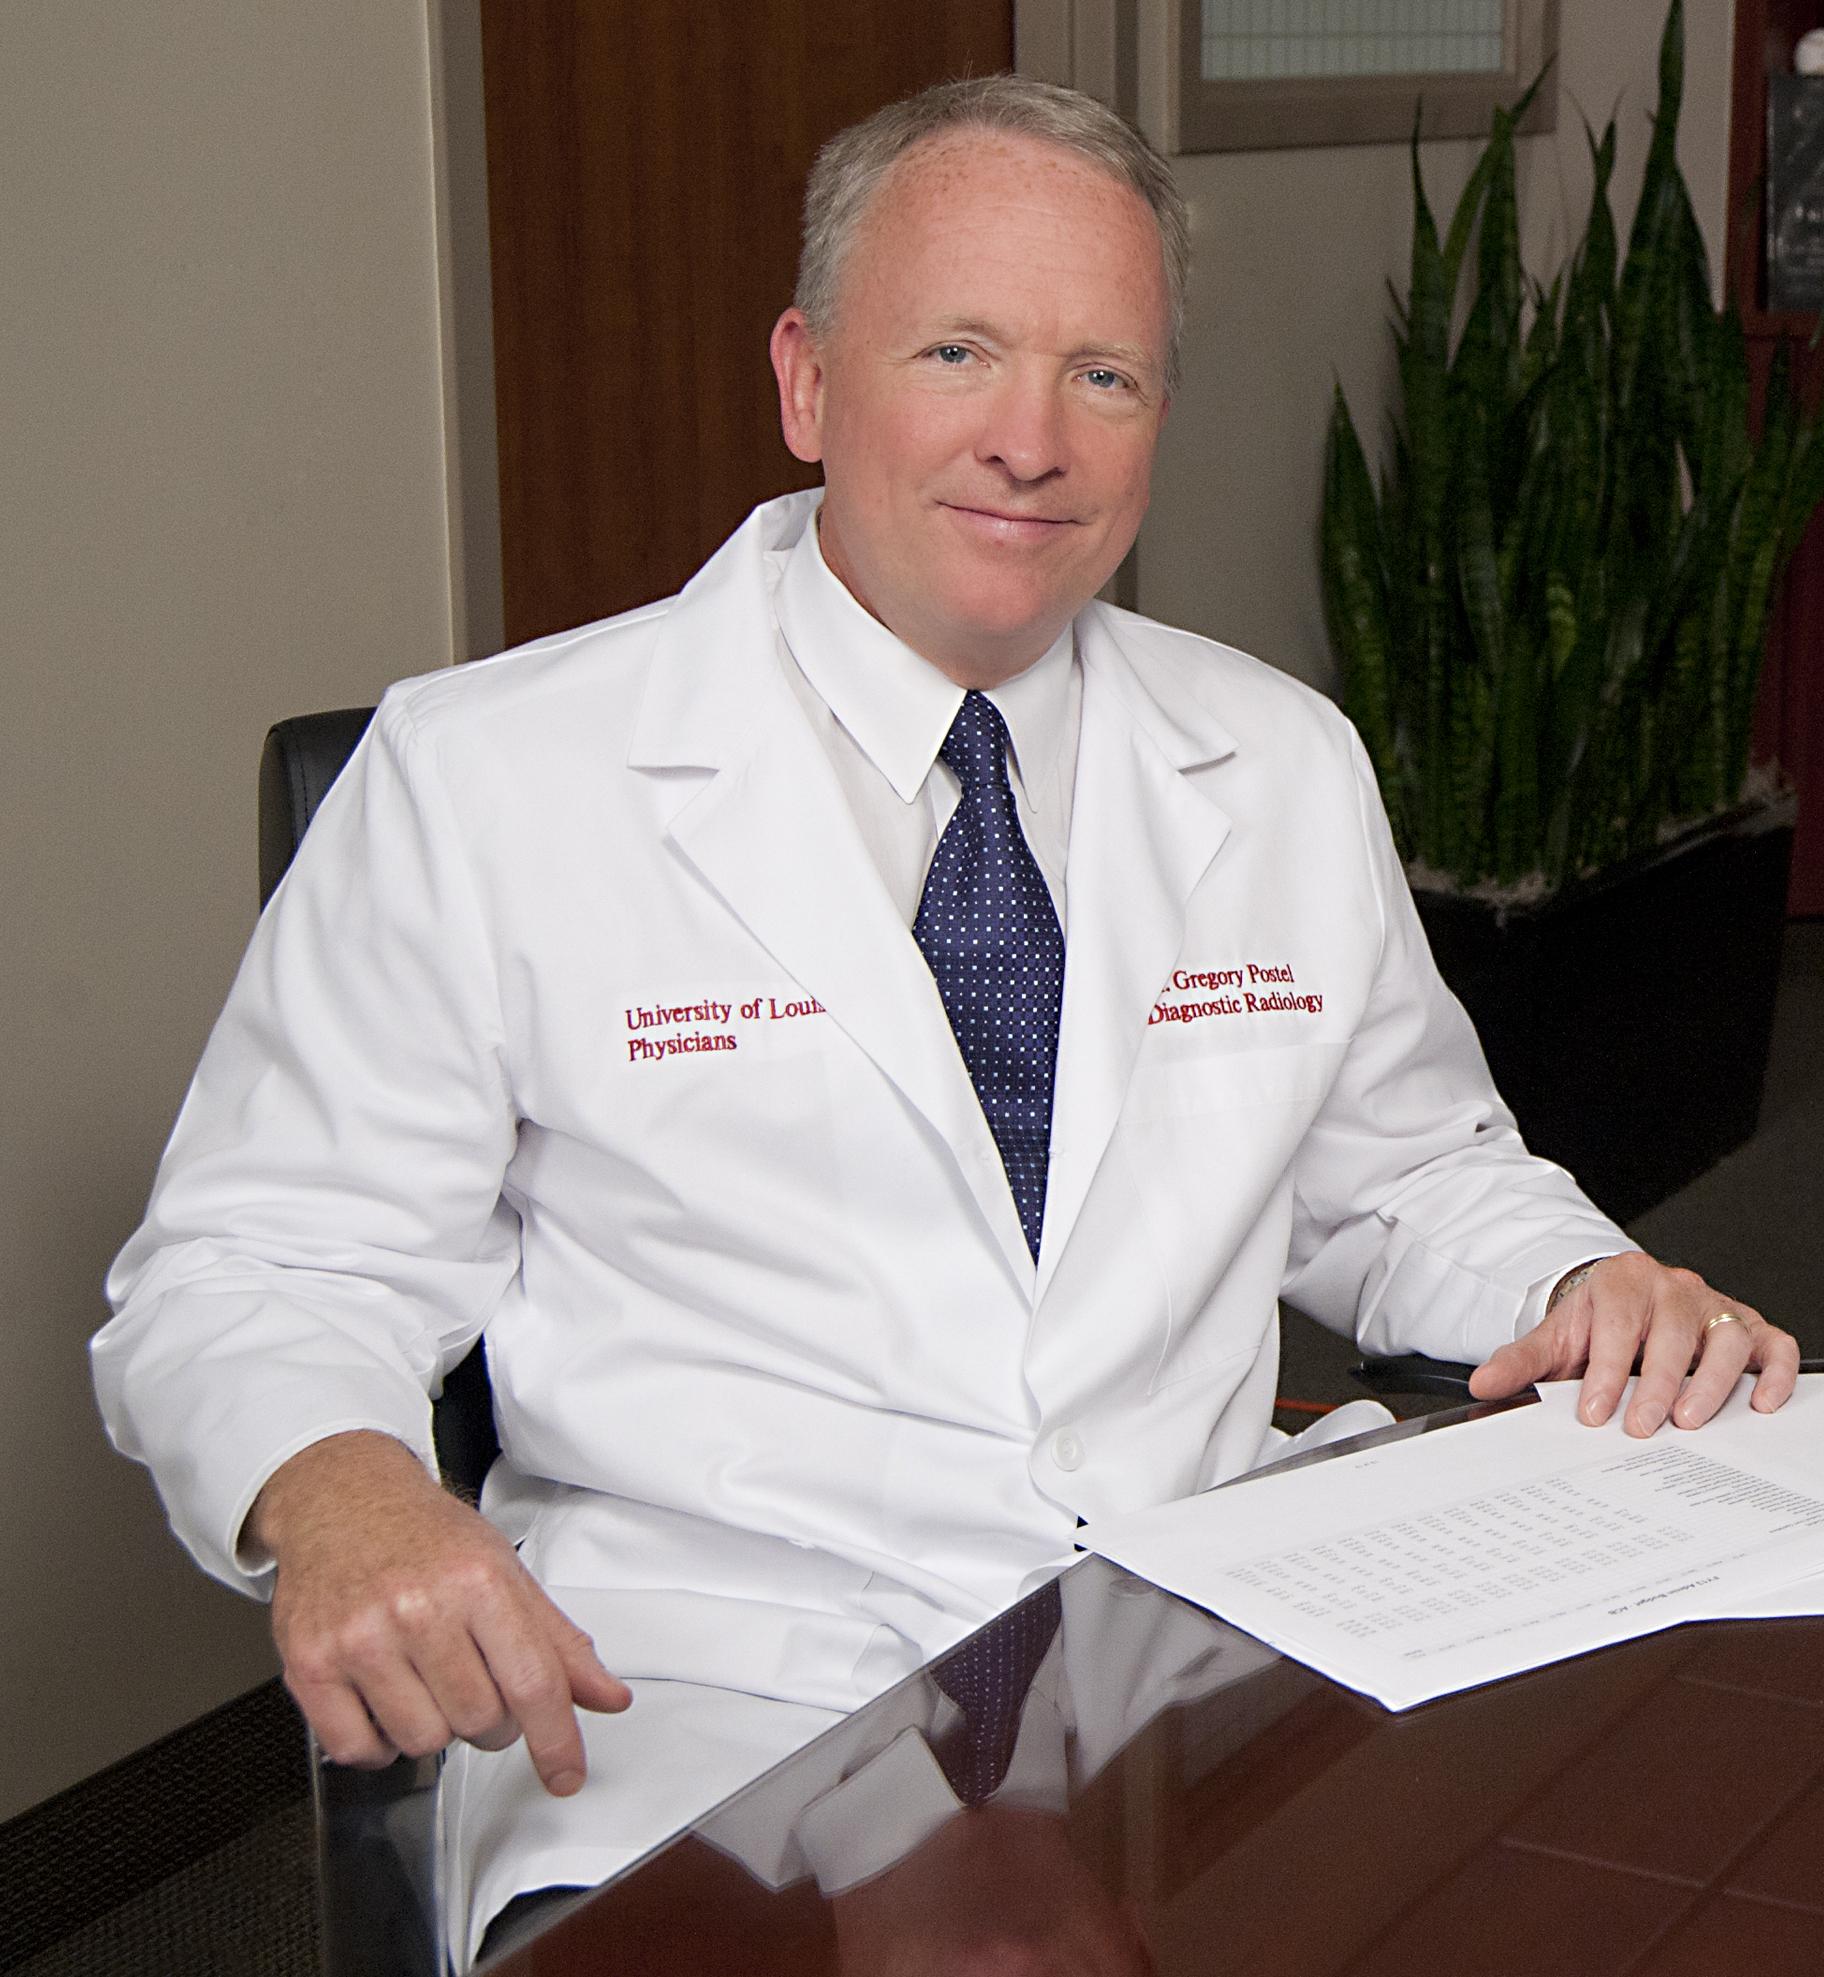 Dr. Gregory Postel - Candid Shot